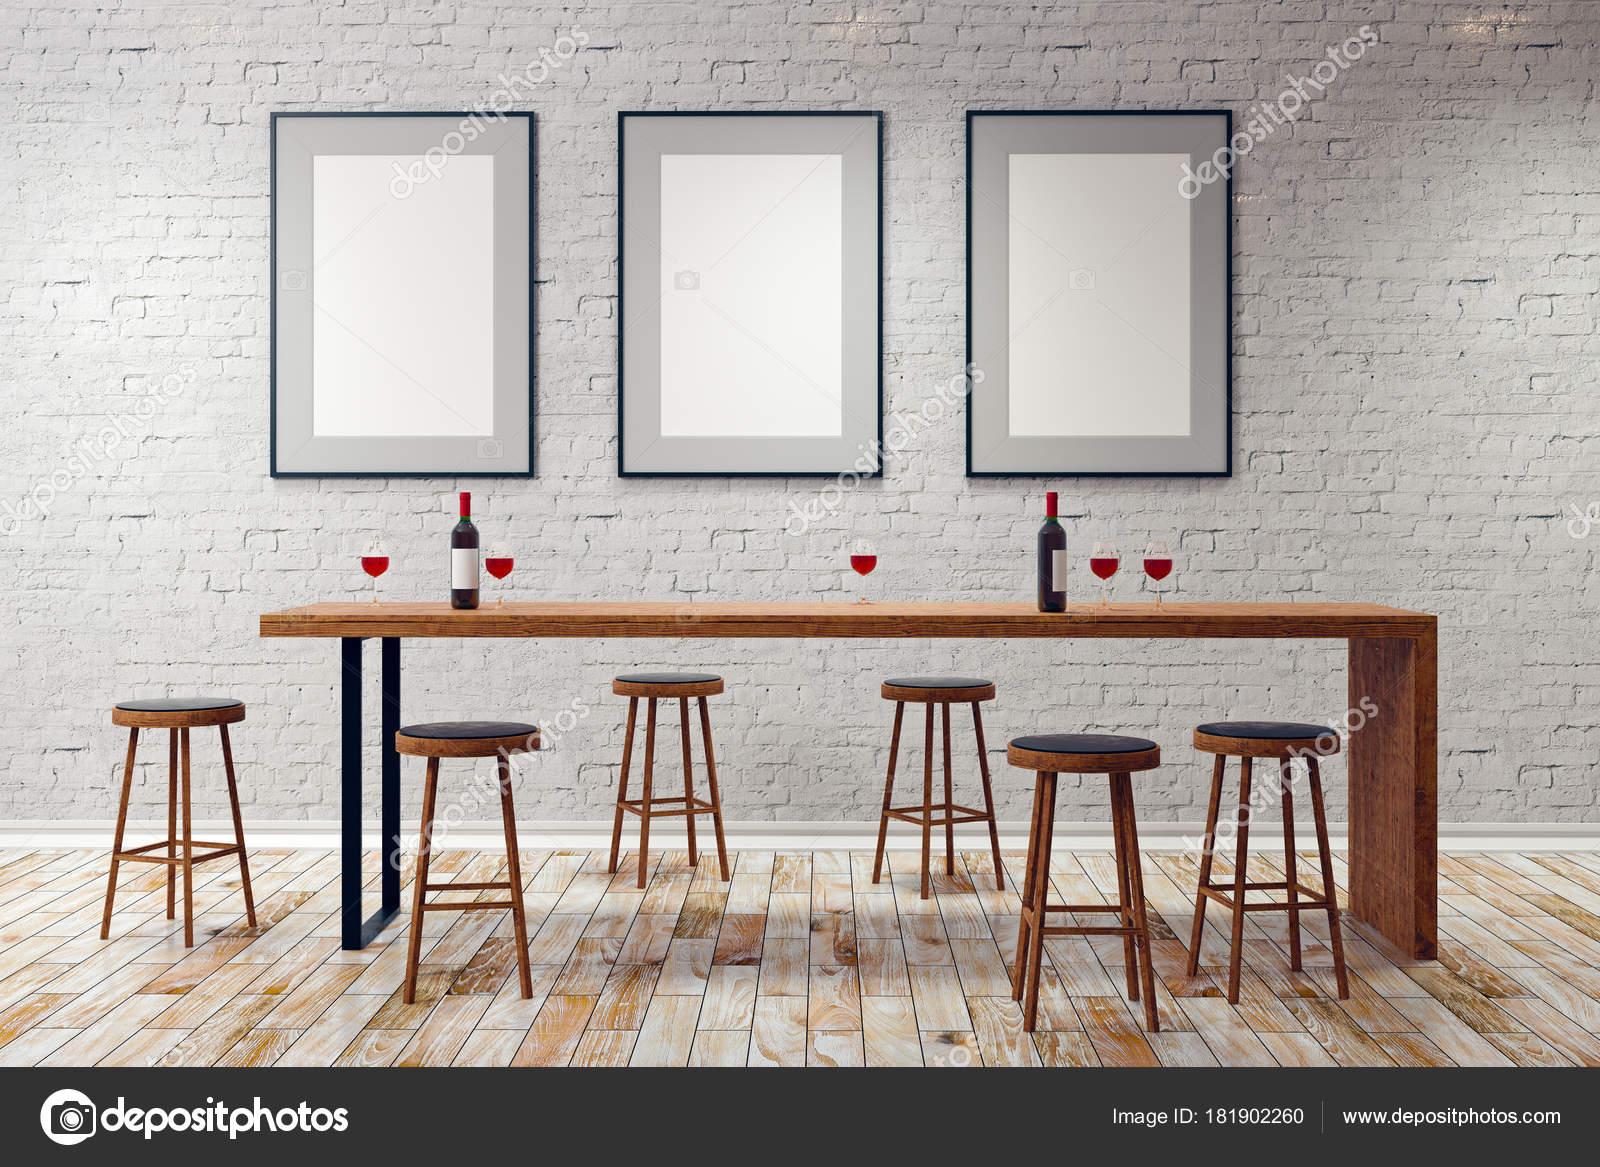 Moderne Weiße Kneipe Oder Bar Interieur Mit Leeren Rahmen Wand ...